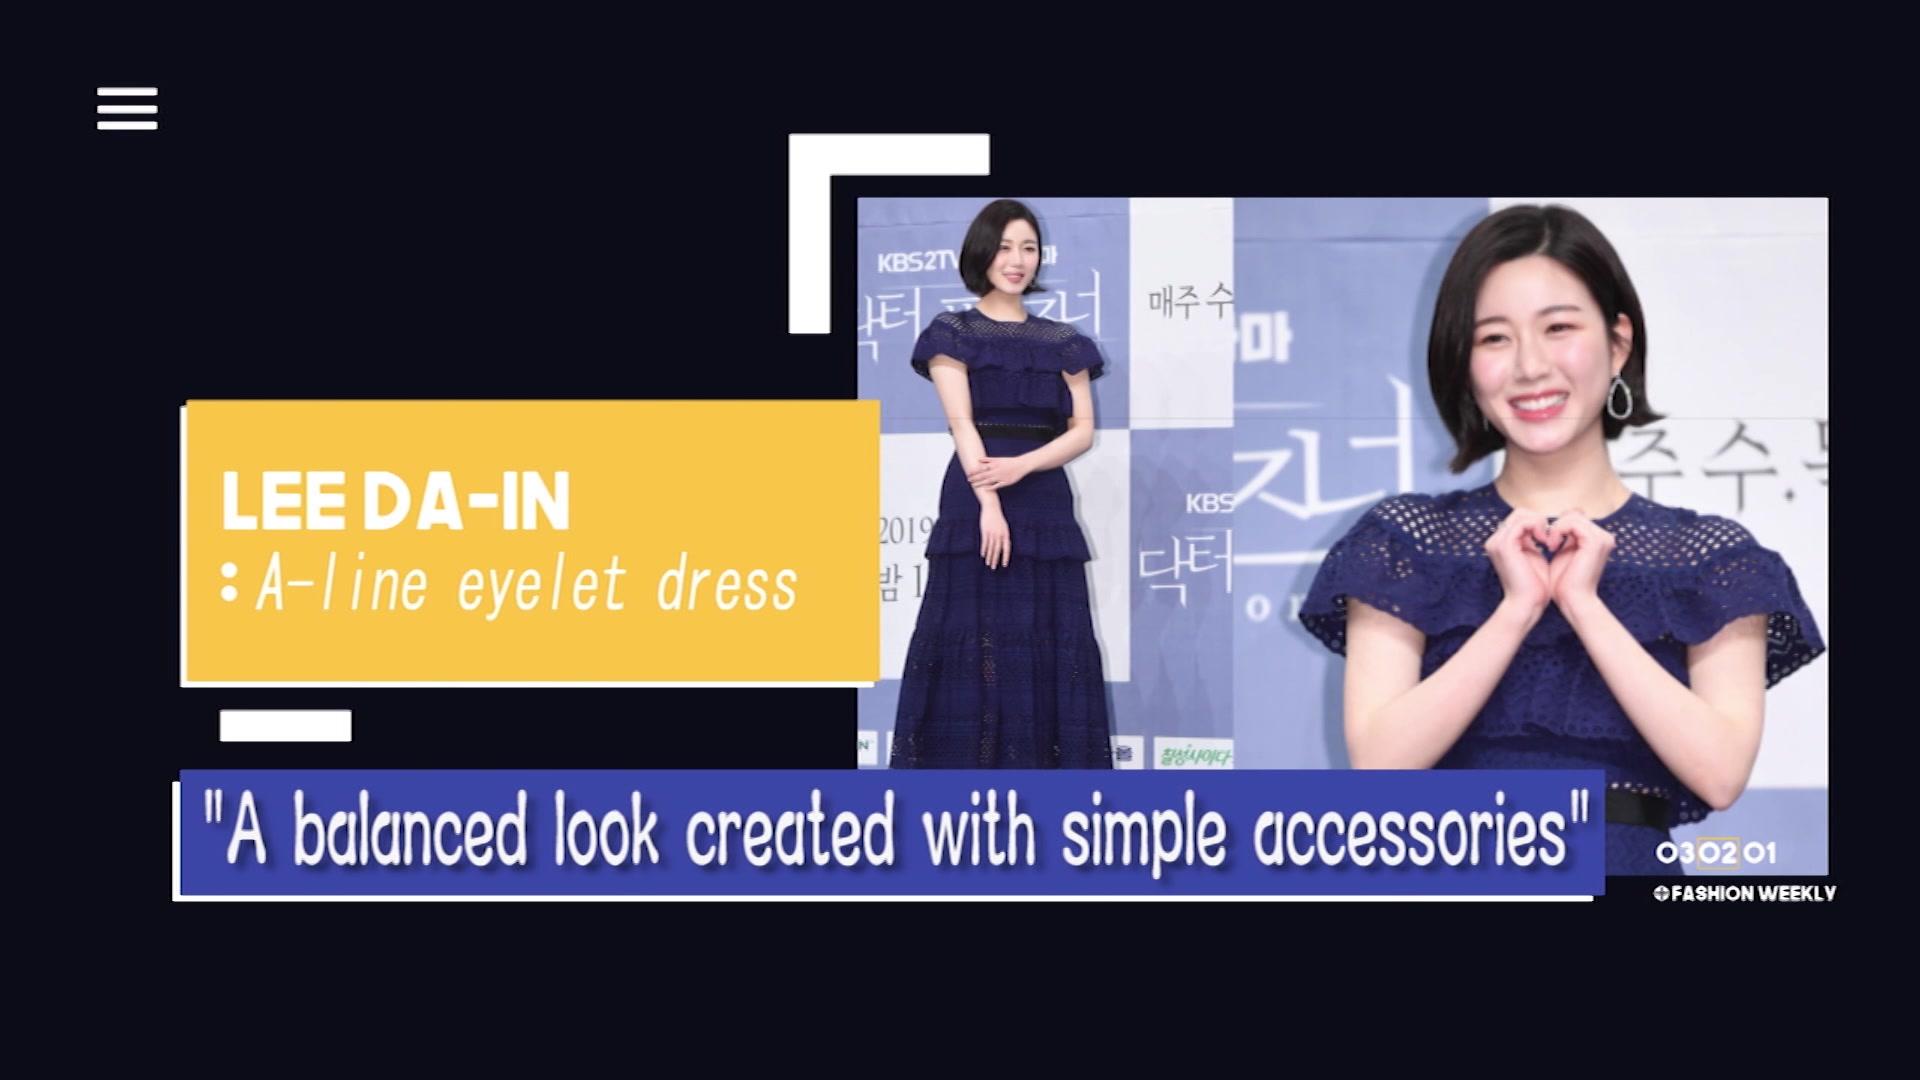 Showbiz Korea Episode 2187: IRENE(아이린,Red Velvet) & BoA(보아)! Celebrities'  The EYELET Fashion